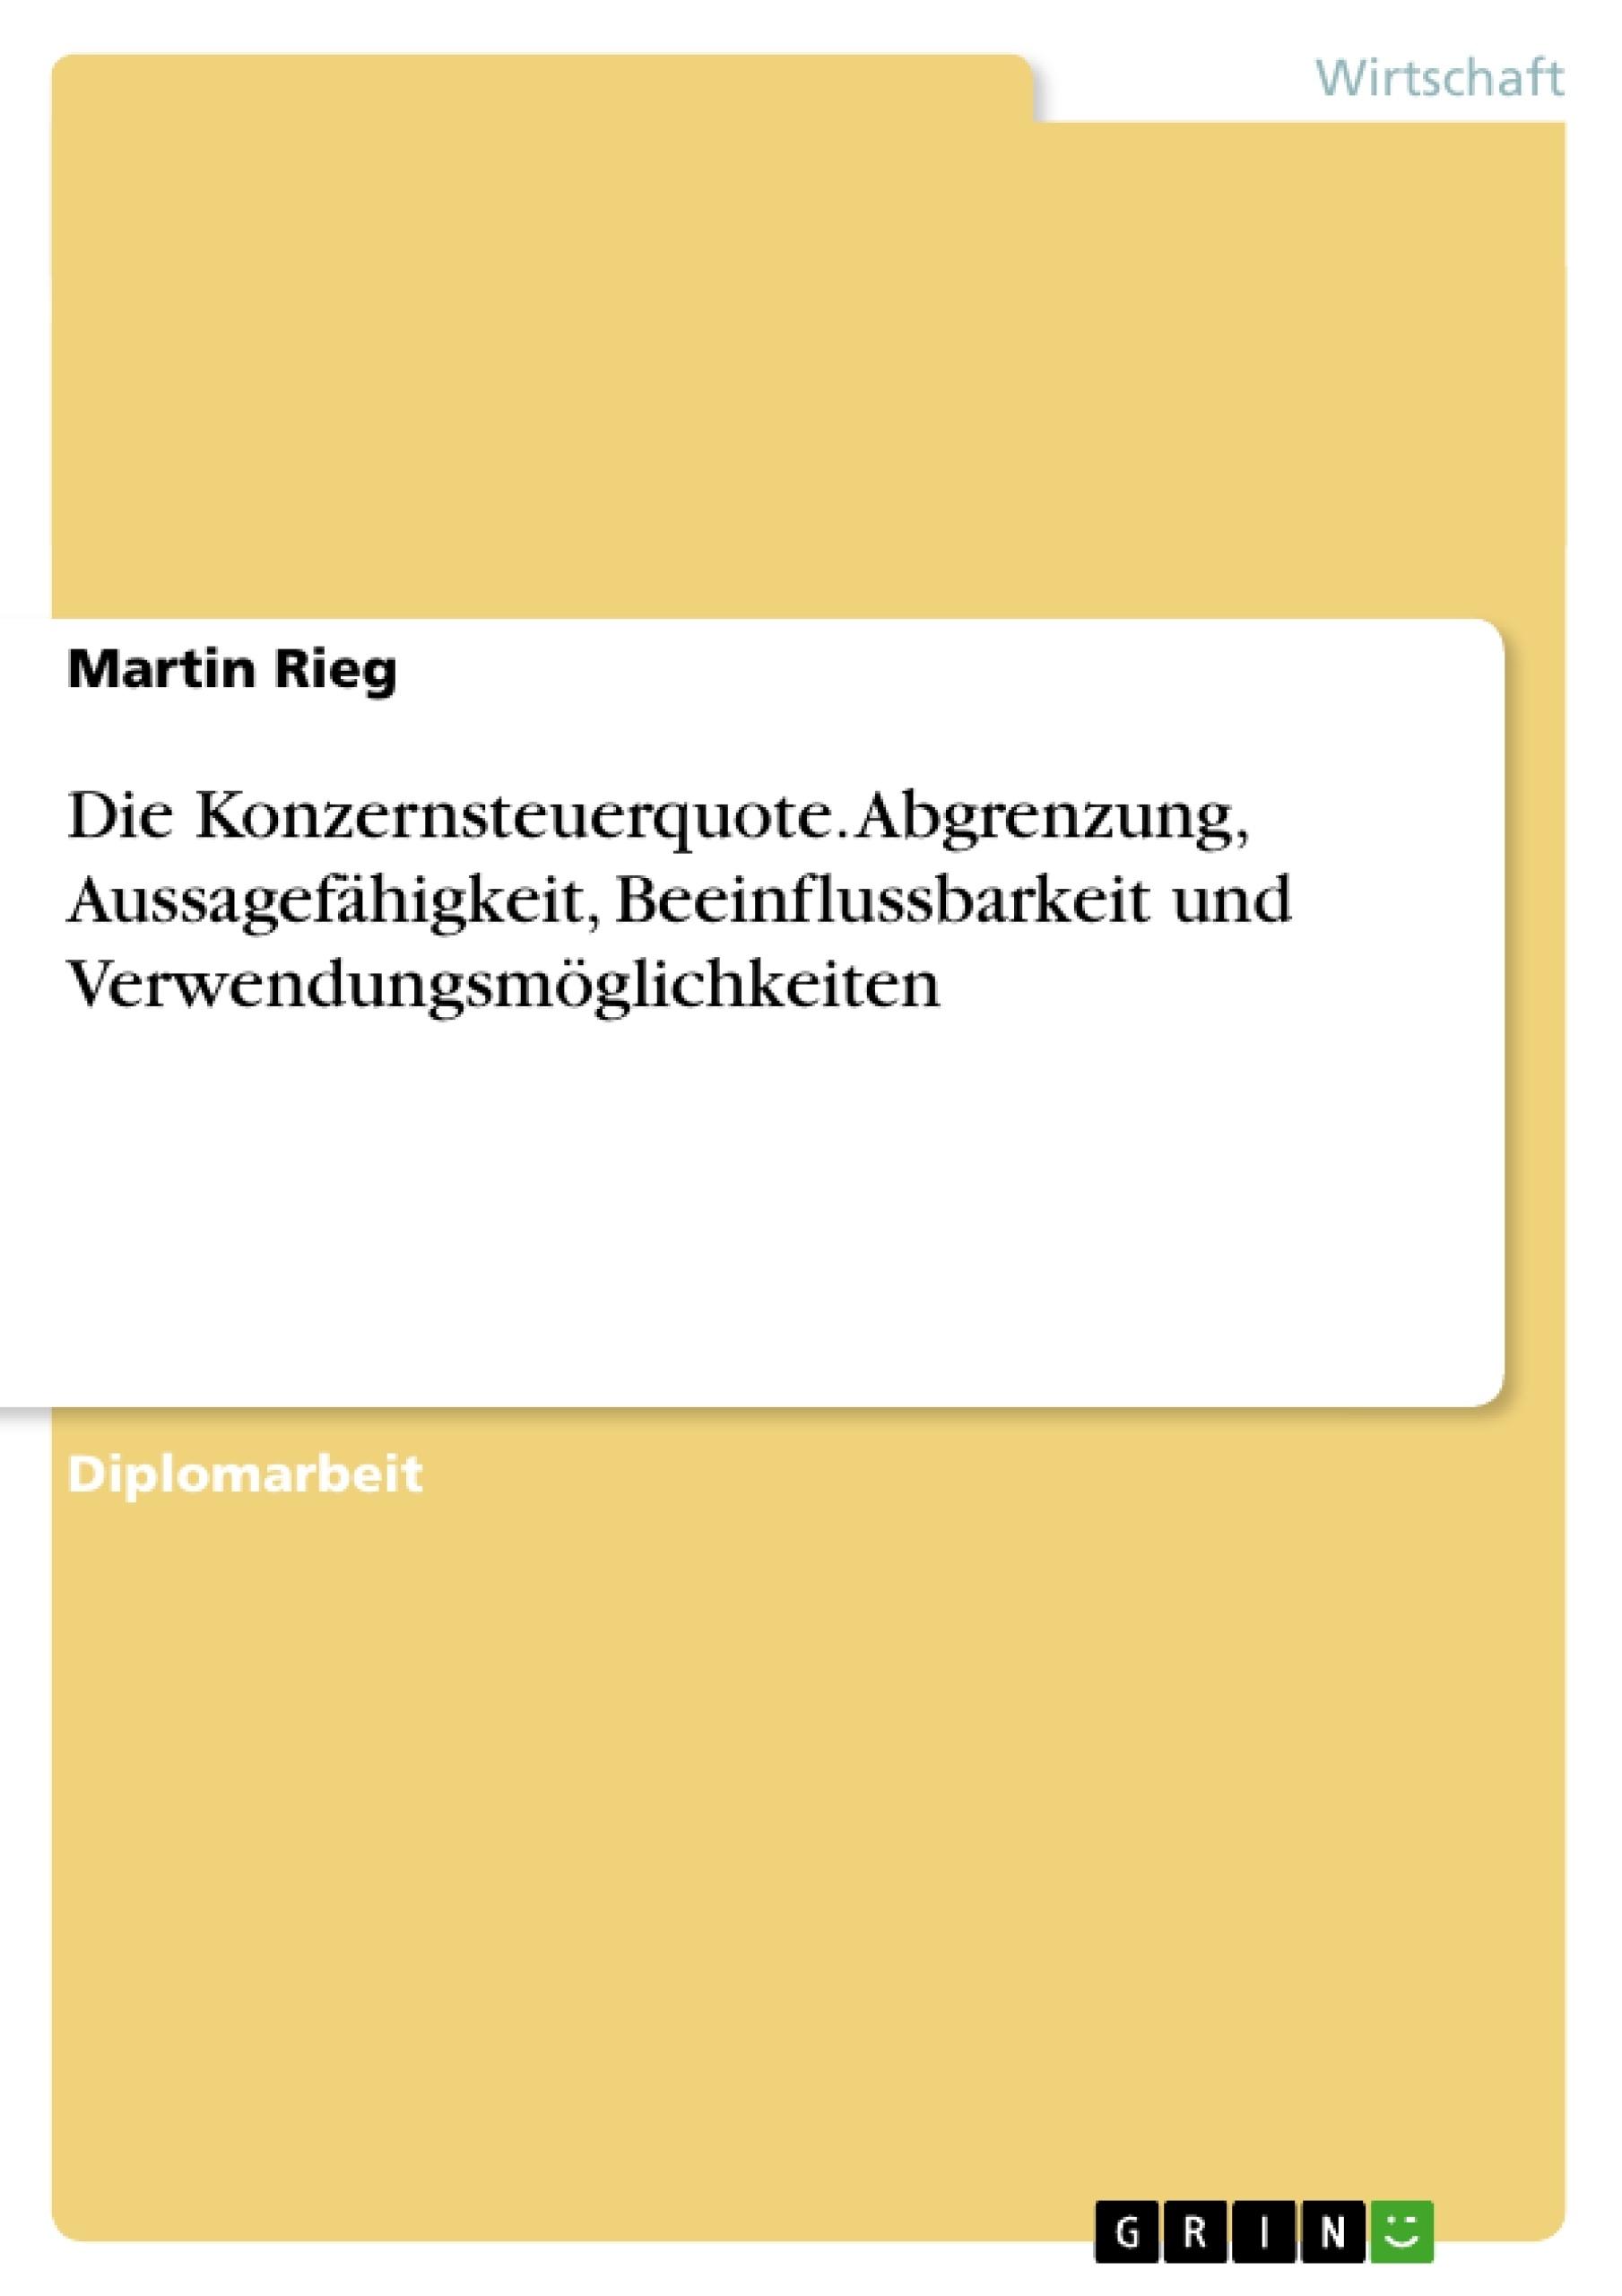 Titel: Die Konzernsteuerquote. Abgrenzung,  Aussagefähigkeit, Beeinflussbarkeit und Verwendungsmöglichkeiten